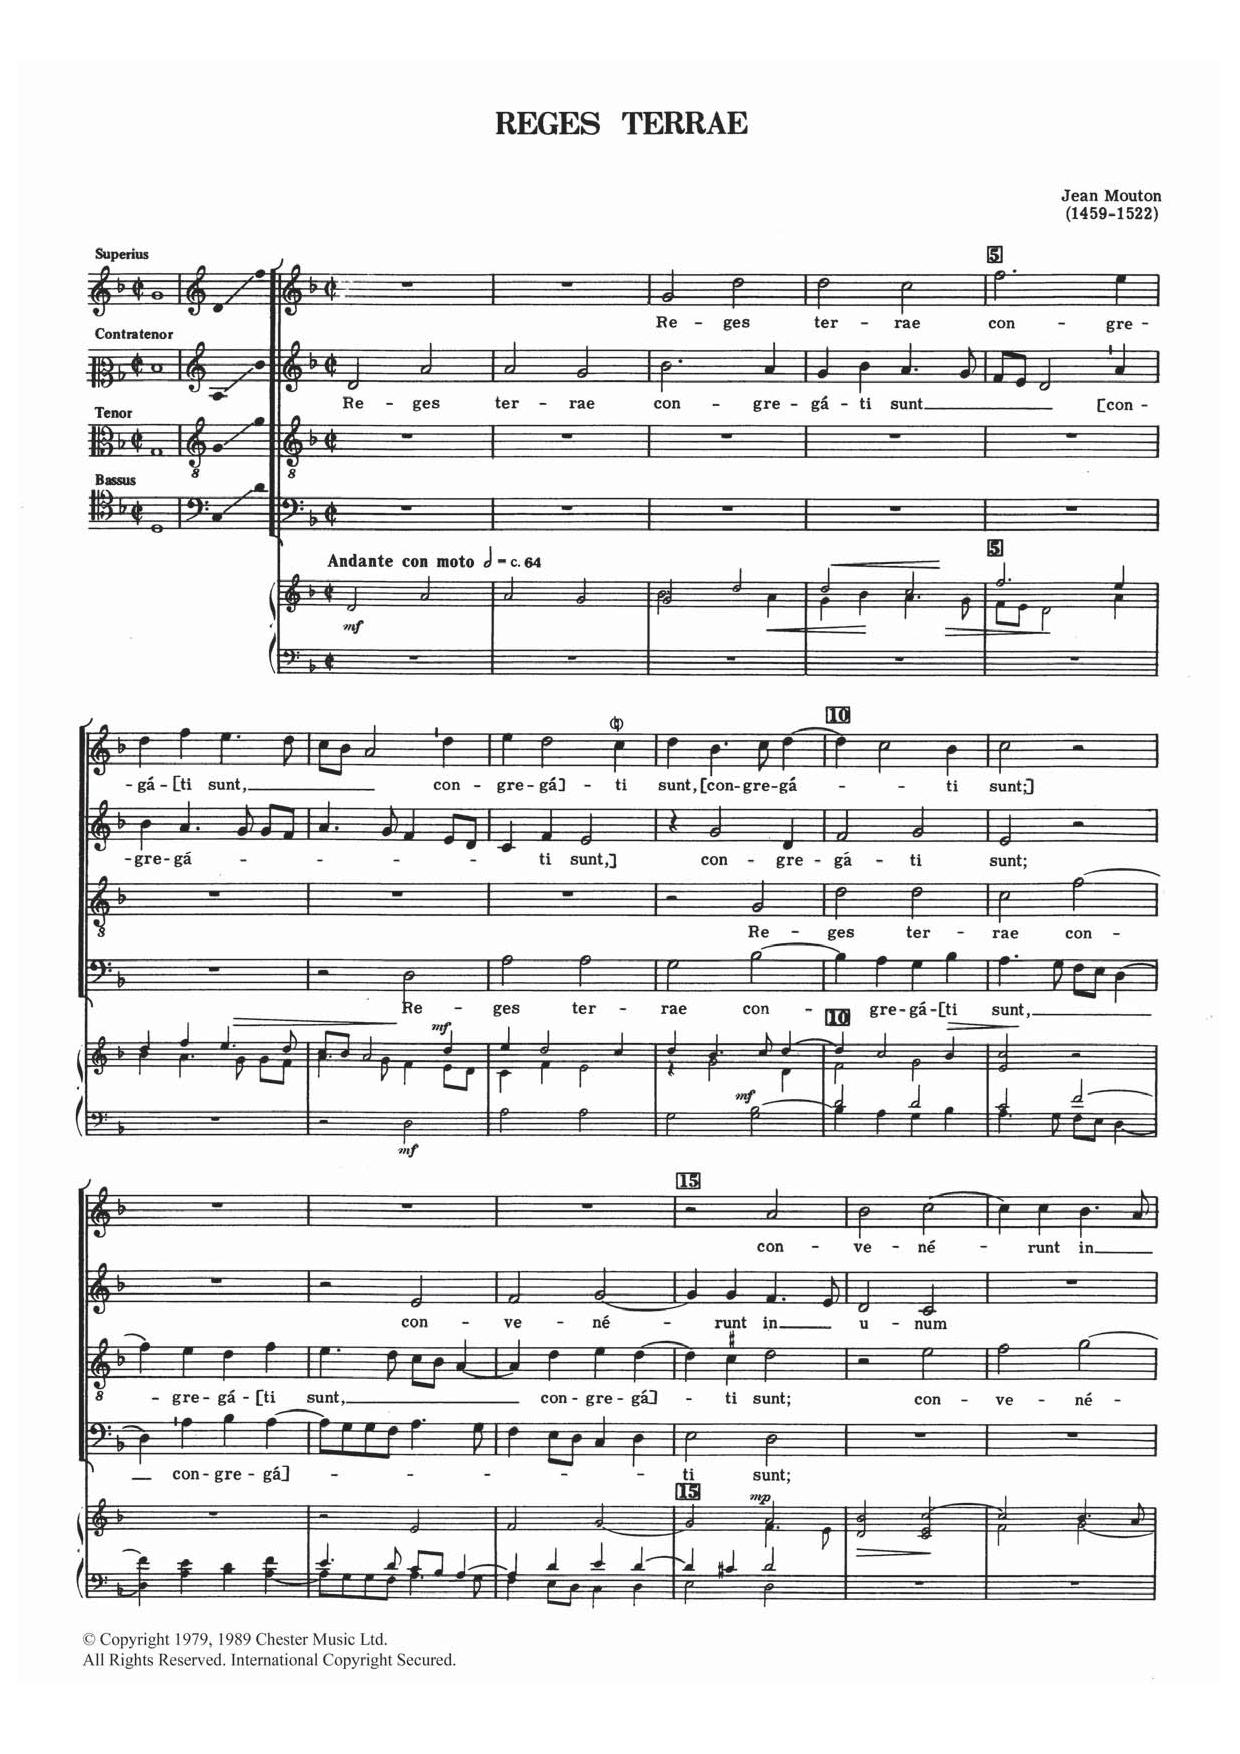 Reges Terrae Sheet Music